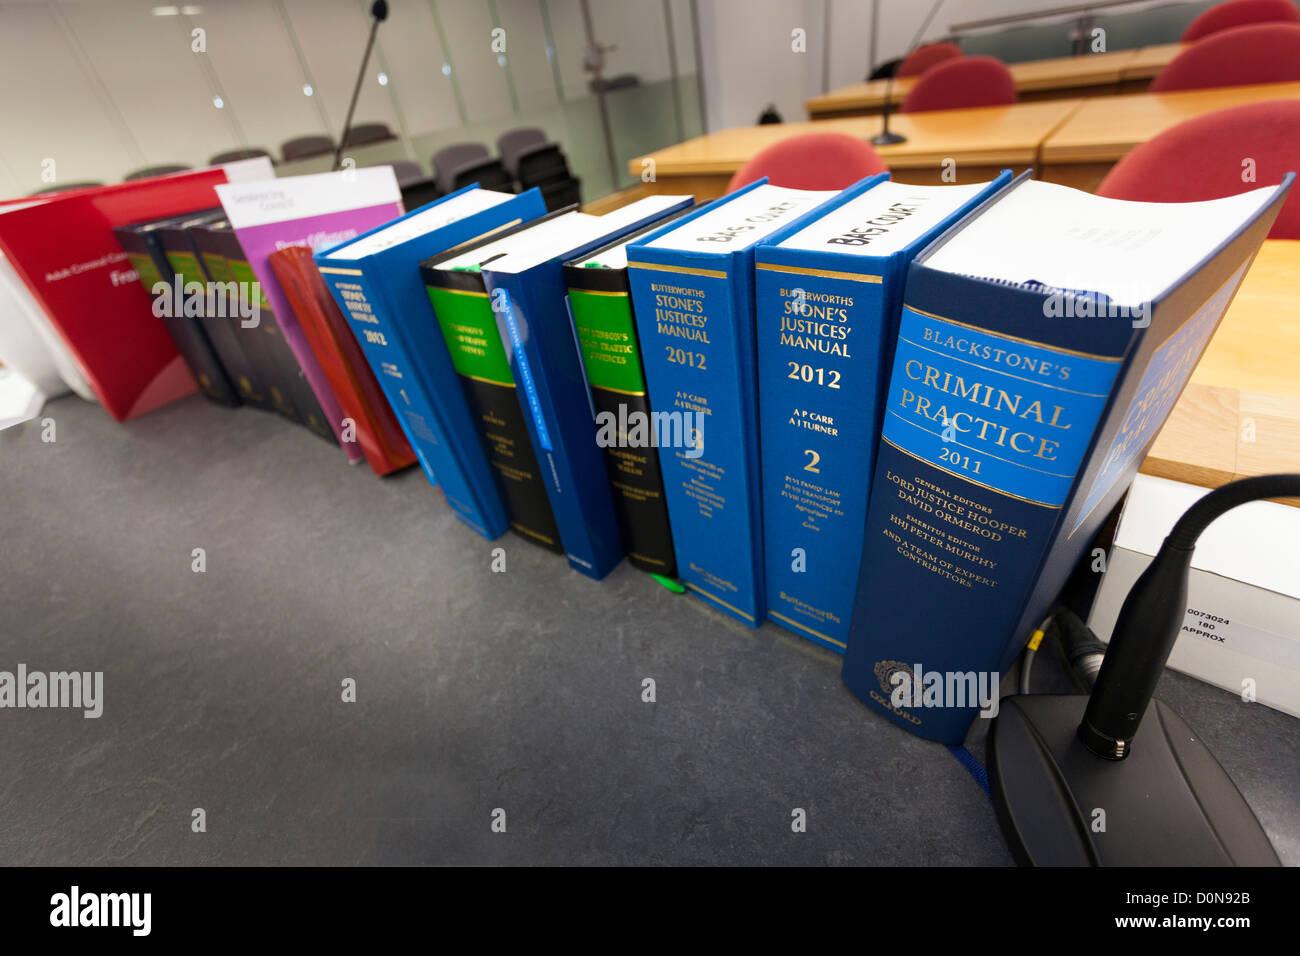 Fila de Libros de Derecho centrado en la práctica criminal y Blackstones Butterworths piedras jueces Manual en la Foto de stock